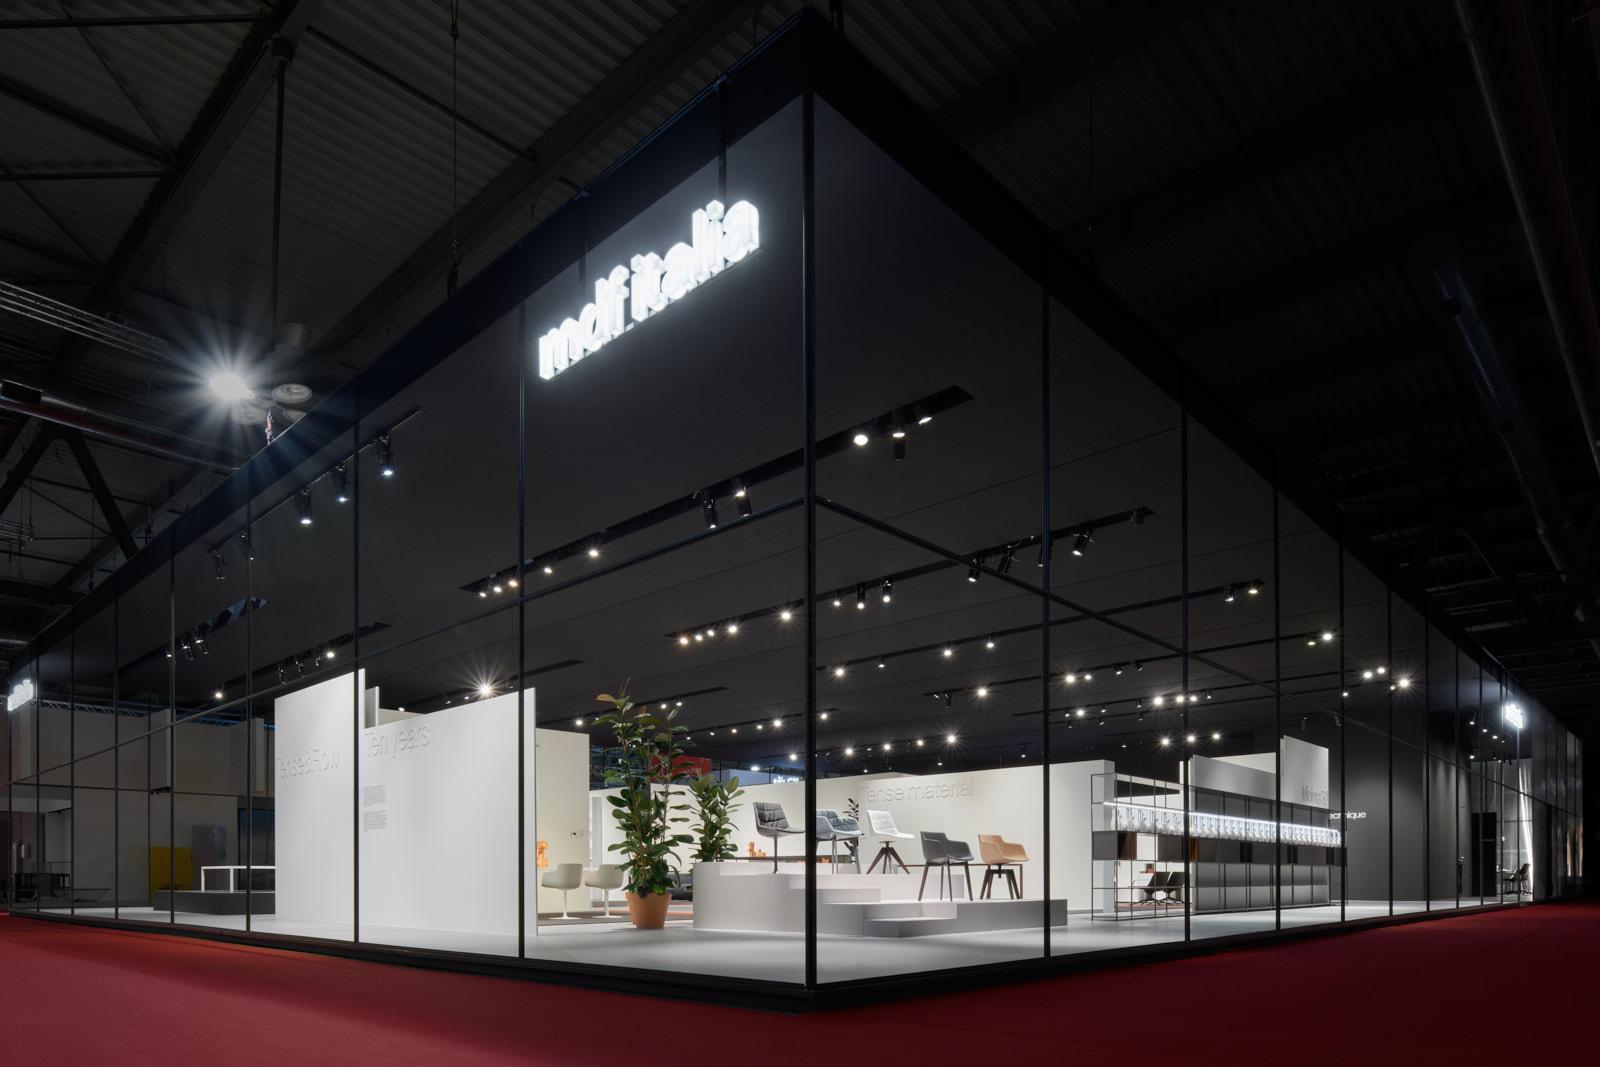 Copertina MDFitalia salone del mobile 2019 | LCBstudio